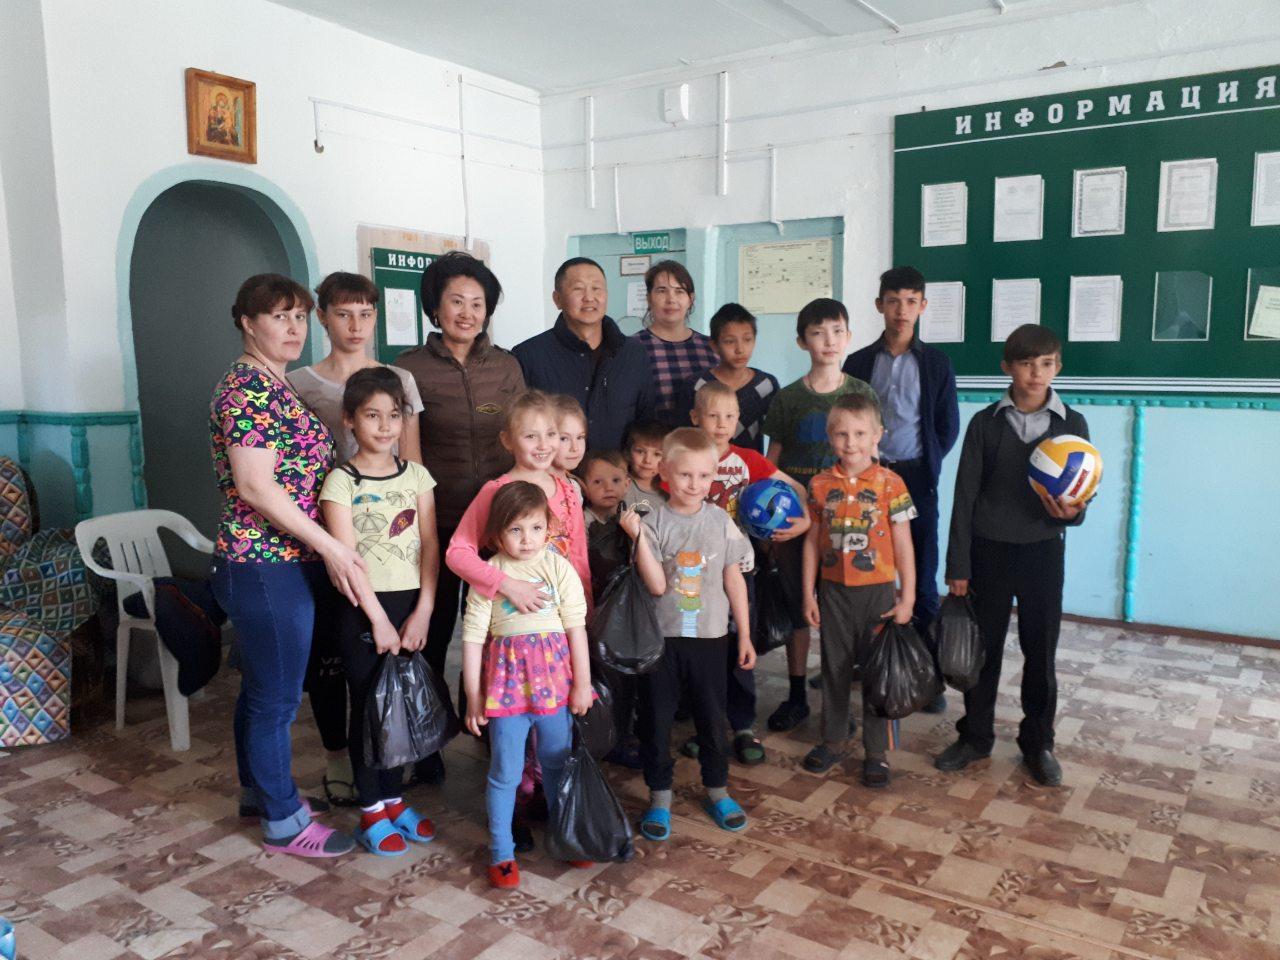 Сотрудники отдела ЗАГС провели благотворительную акцию